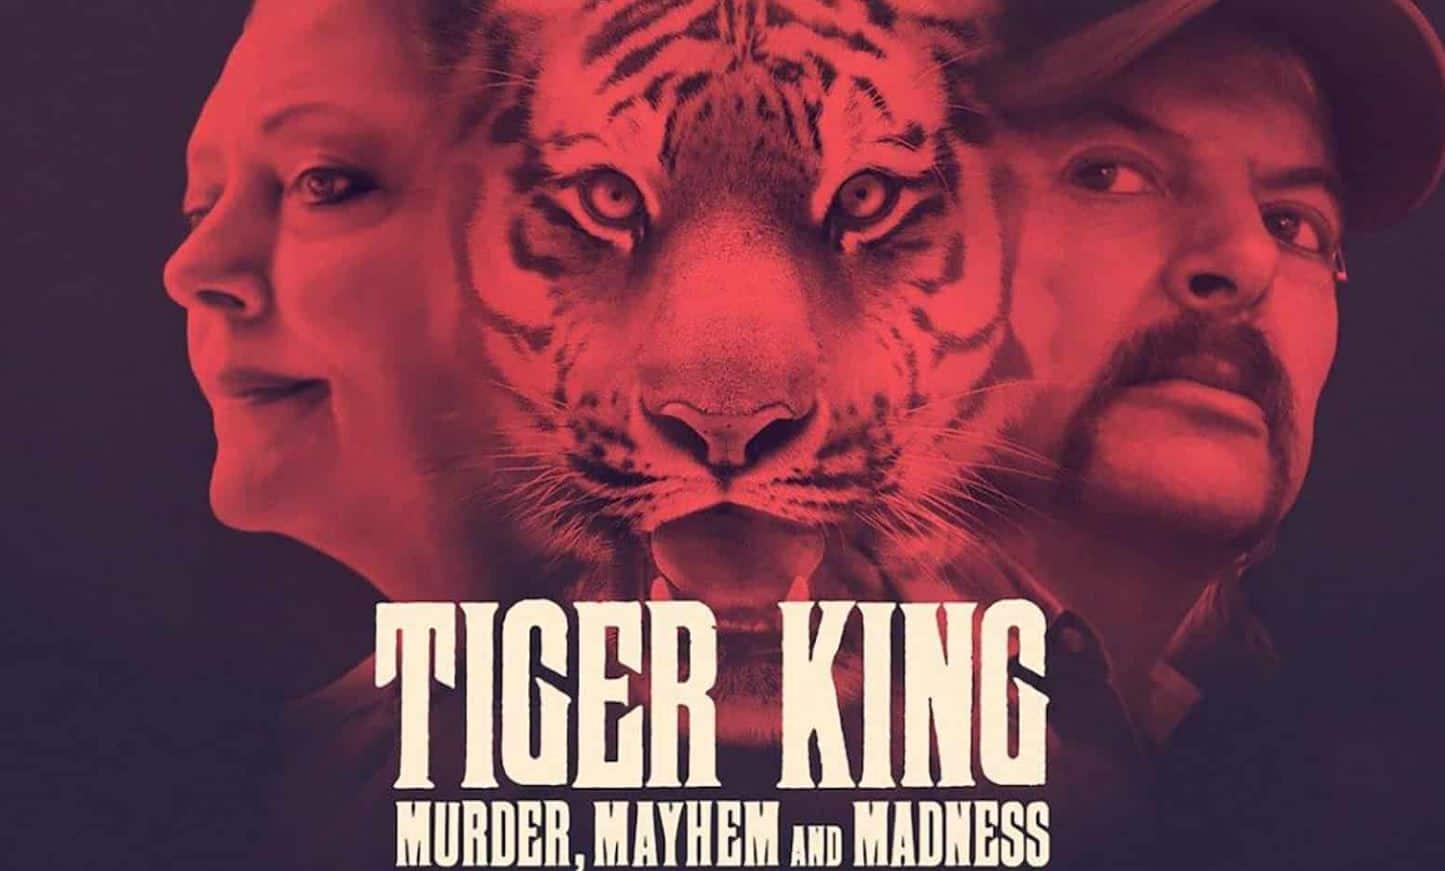 Tiger King il documentario su Netflix surreale, trash, folle: da vedere in quarantena